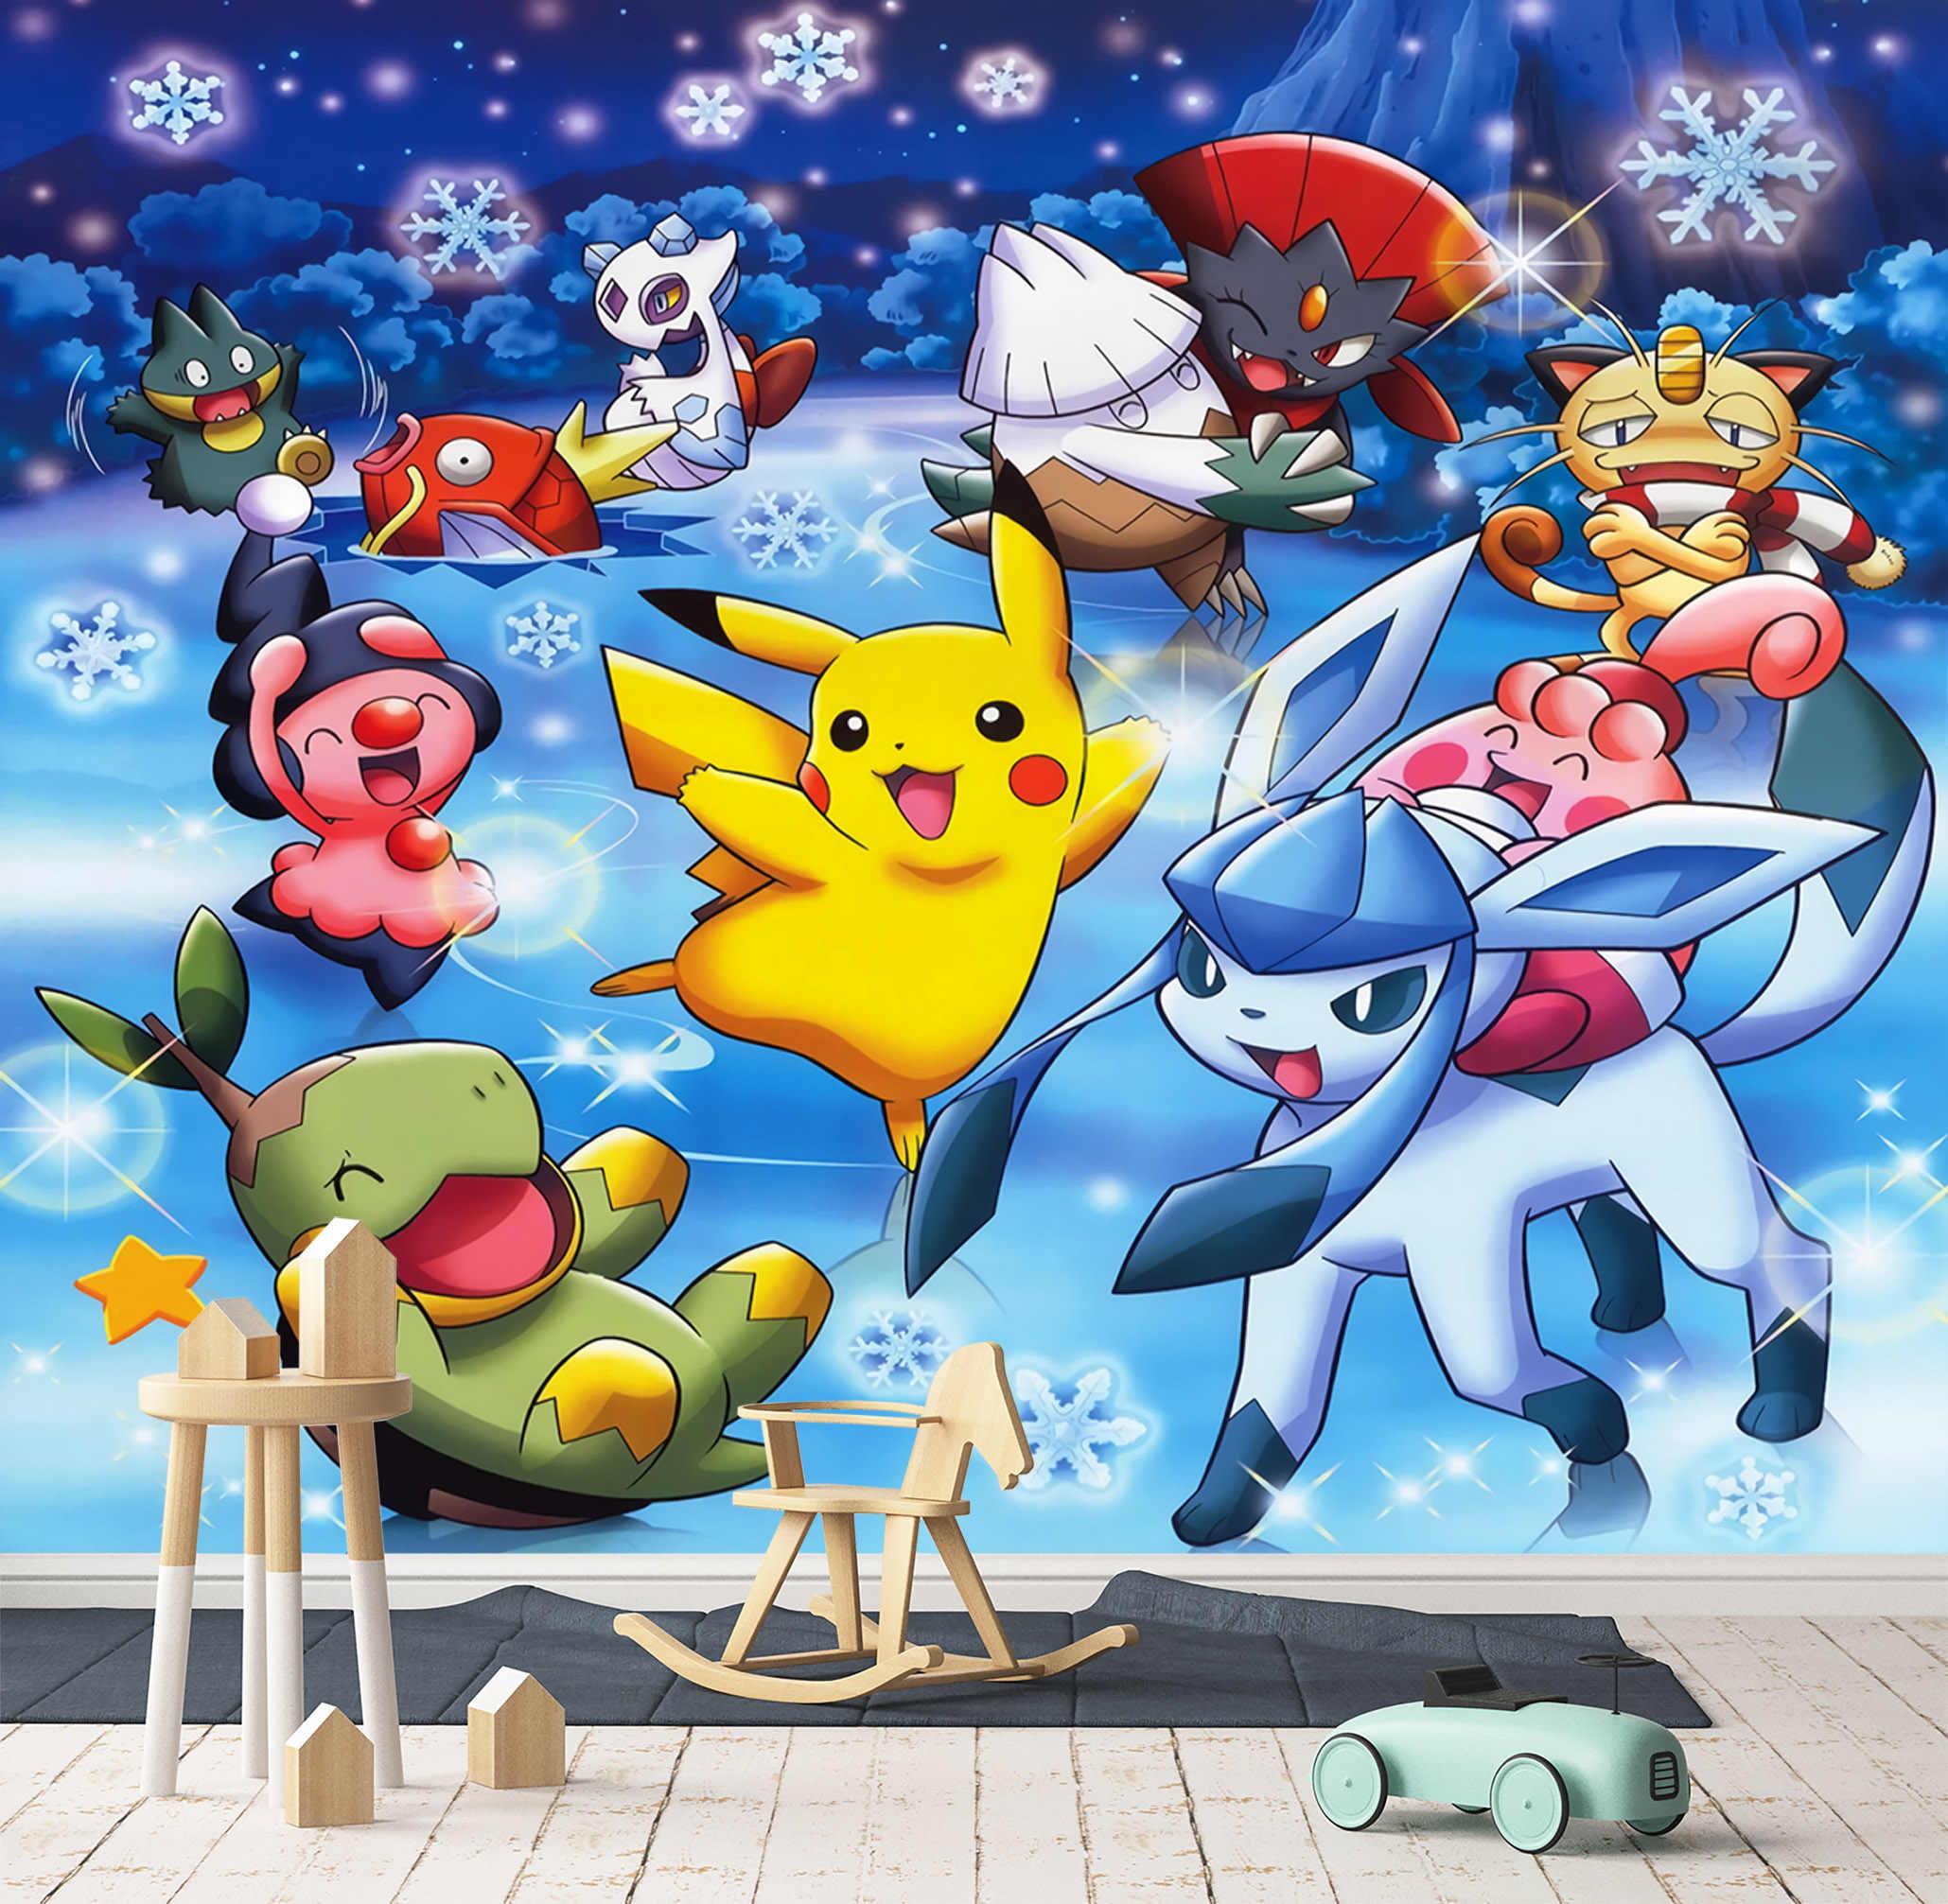 自己粘着 3d ポケモン 313 日本アニメ壁紙壁画壁の壁画印刷デカール壁